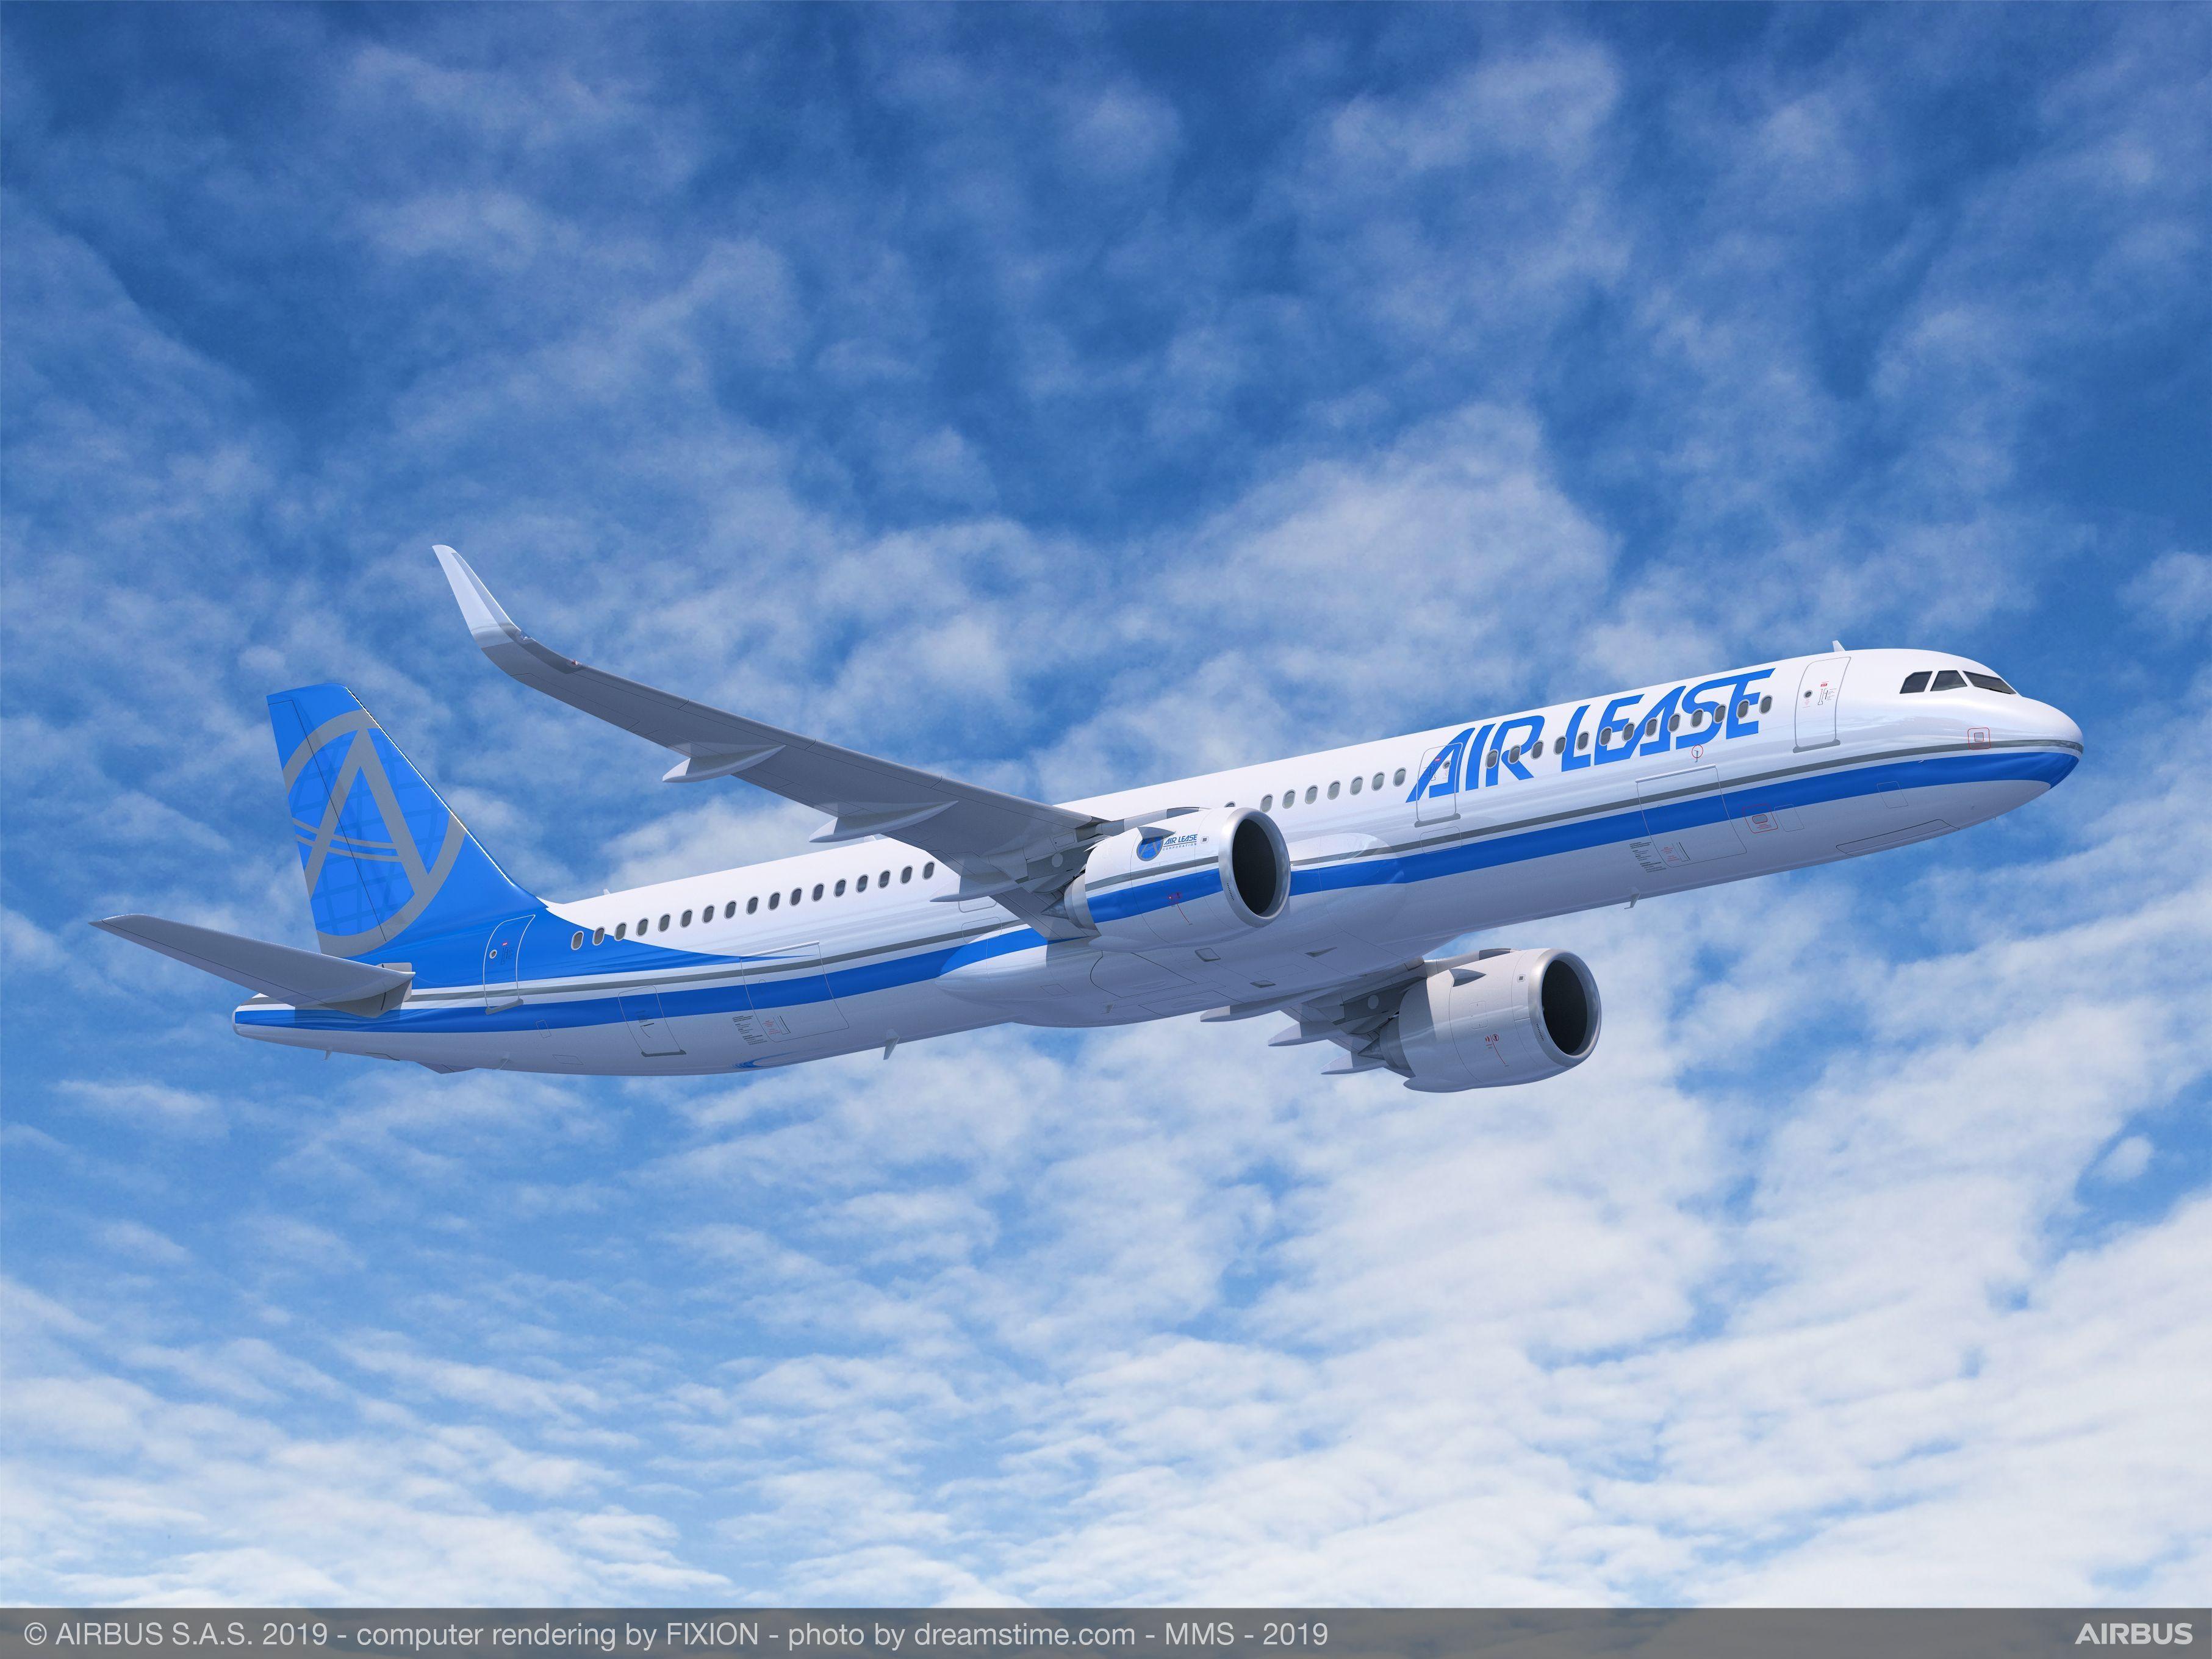 ALC空客A321neo飞机 图片来源:空客